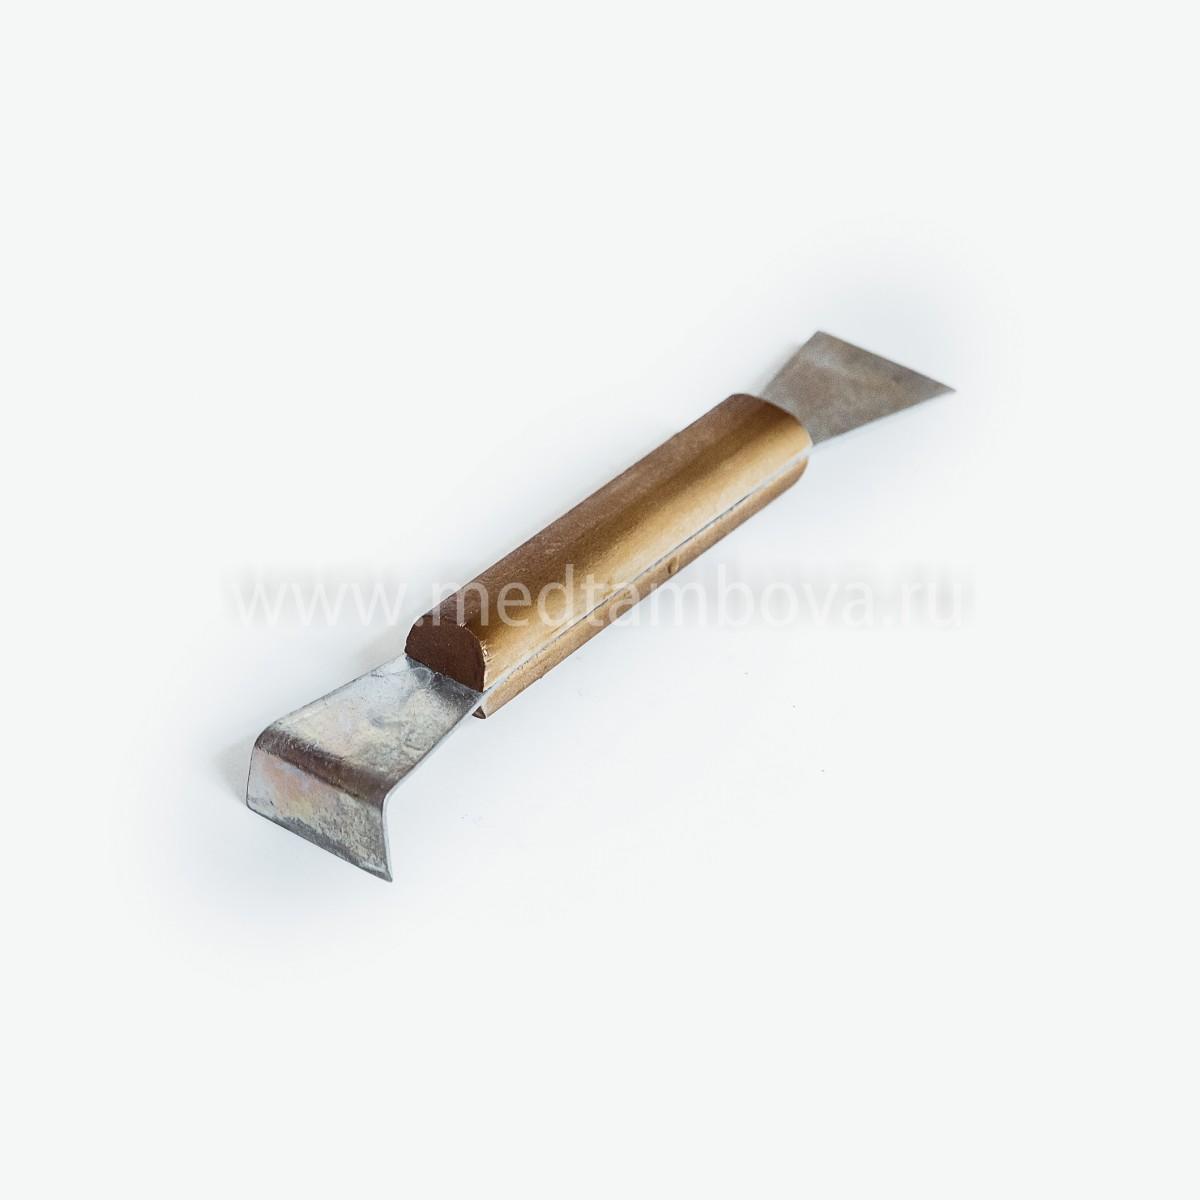 Стамеска деревянная ручка оцинкованная 200 мм.